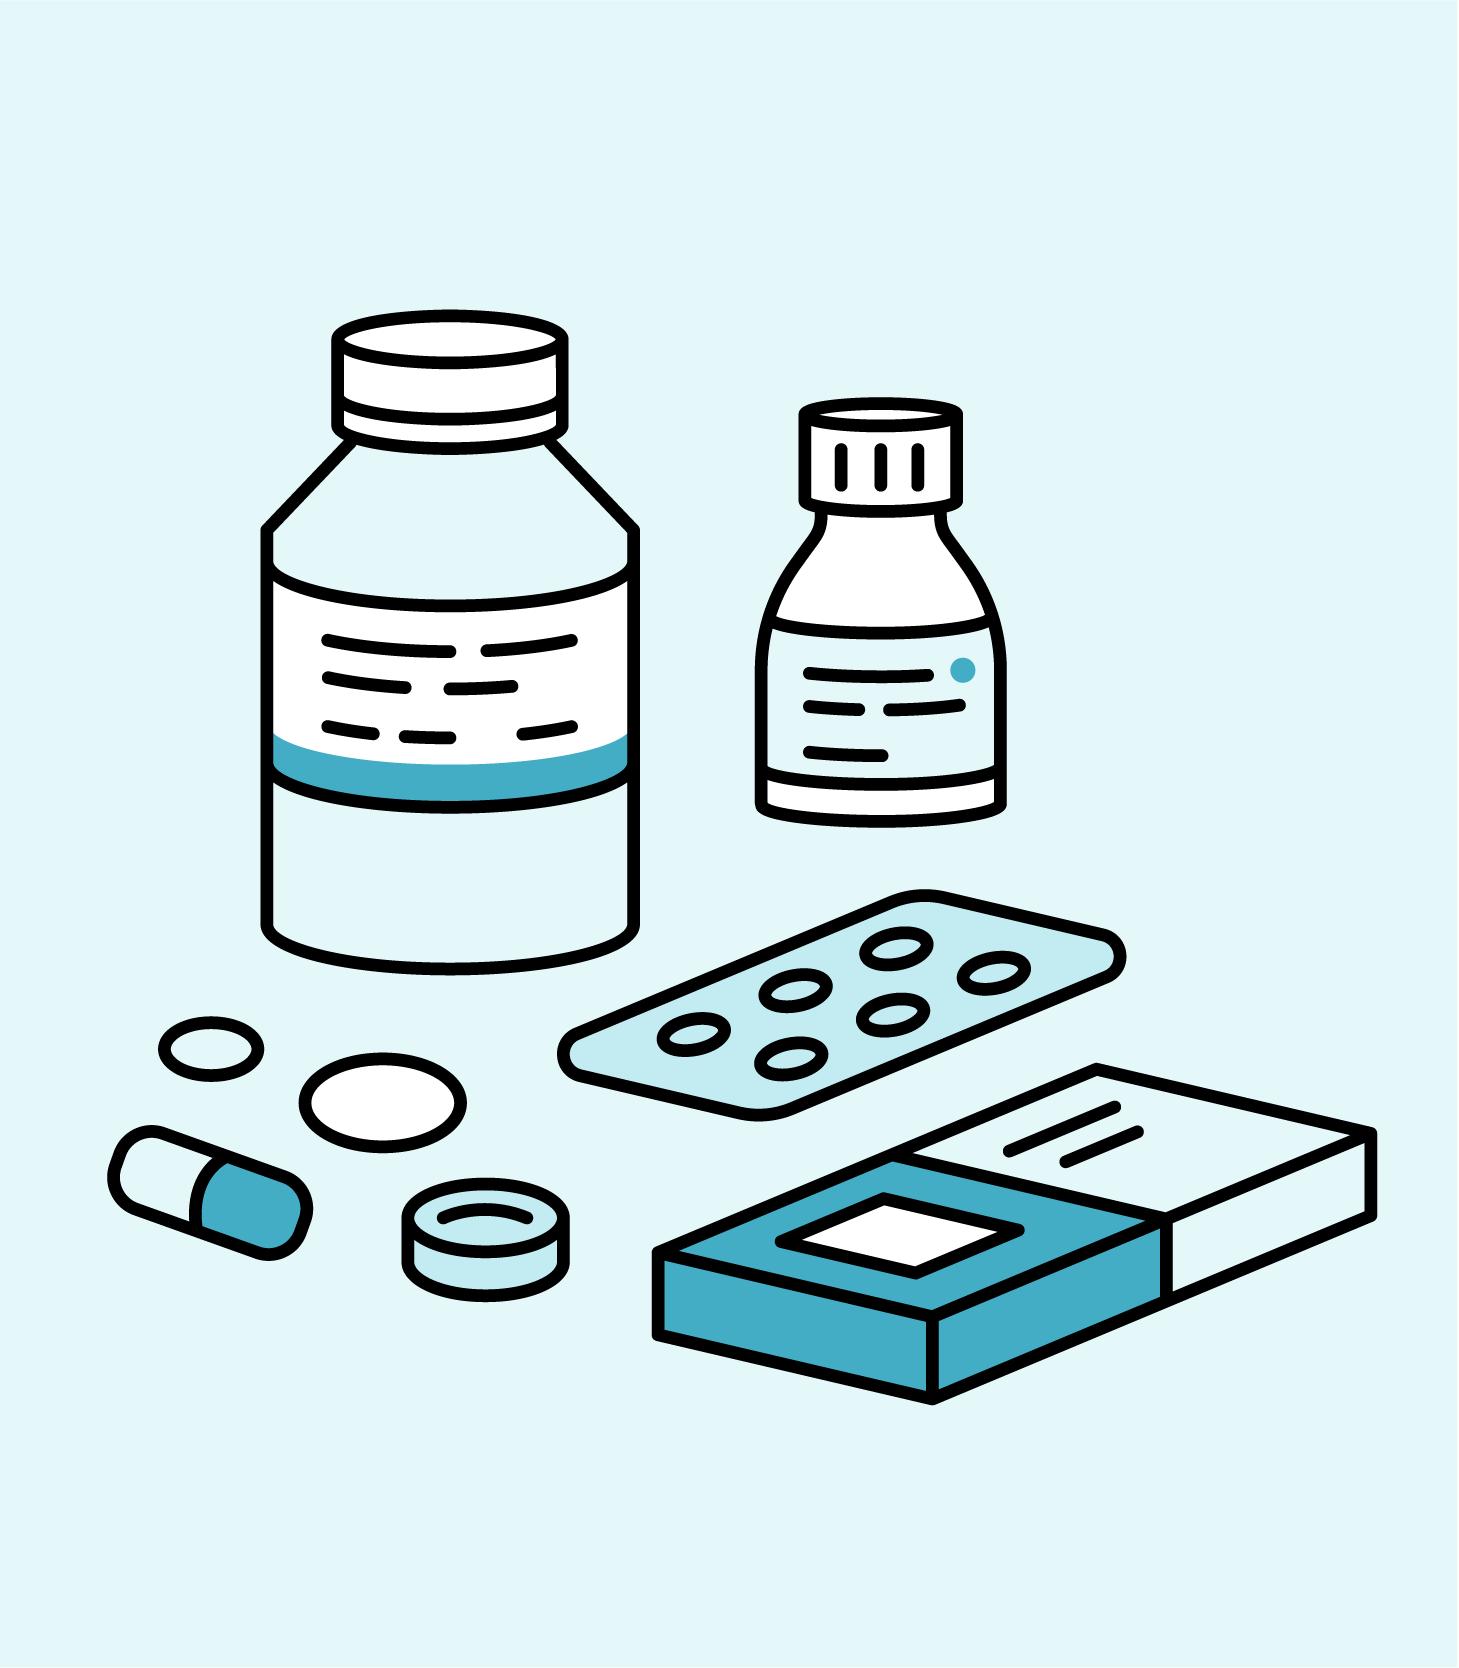 Illustrasjon av piller og tabletter.